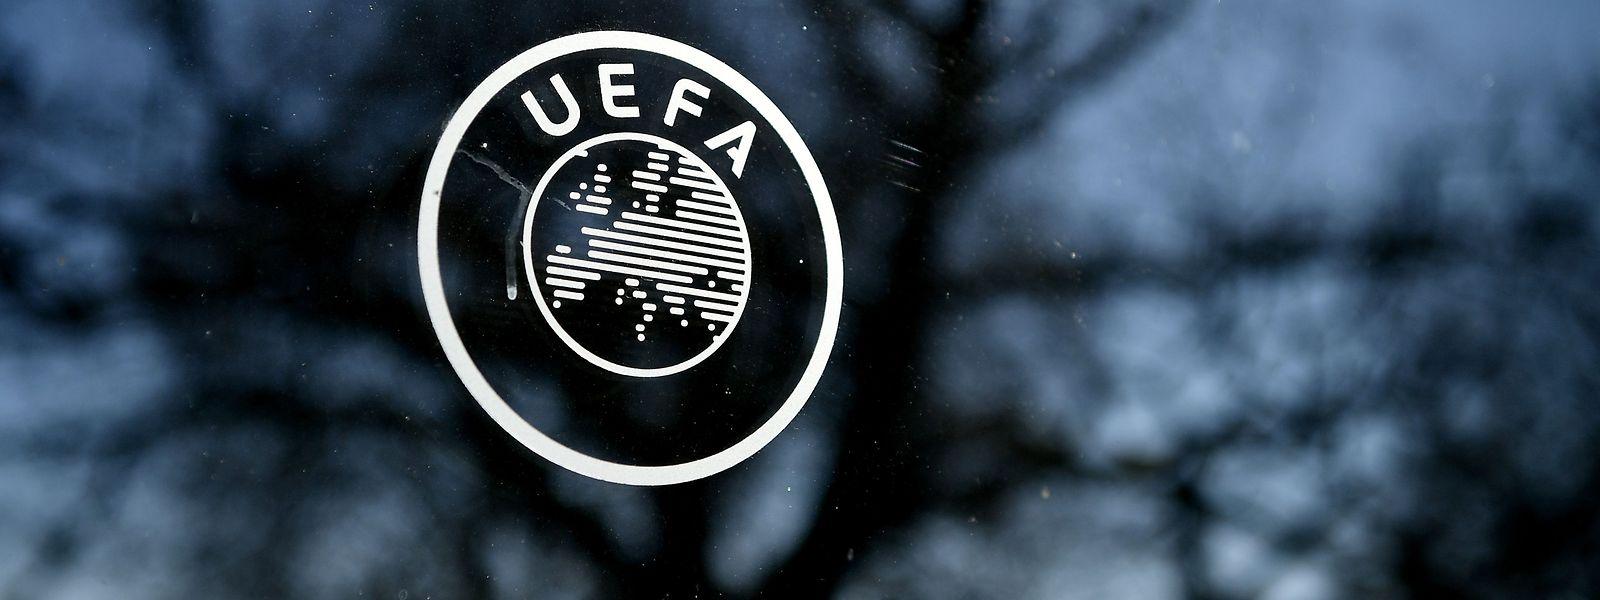 Der europäische Fußballverband wird am Montag 66 Jahre alt.